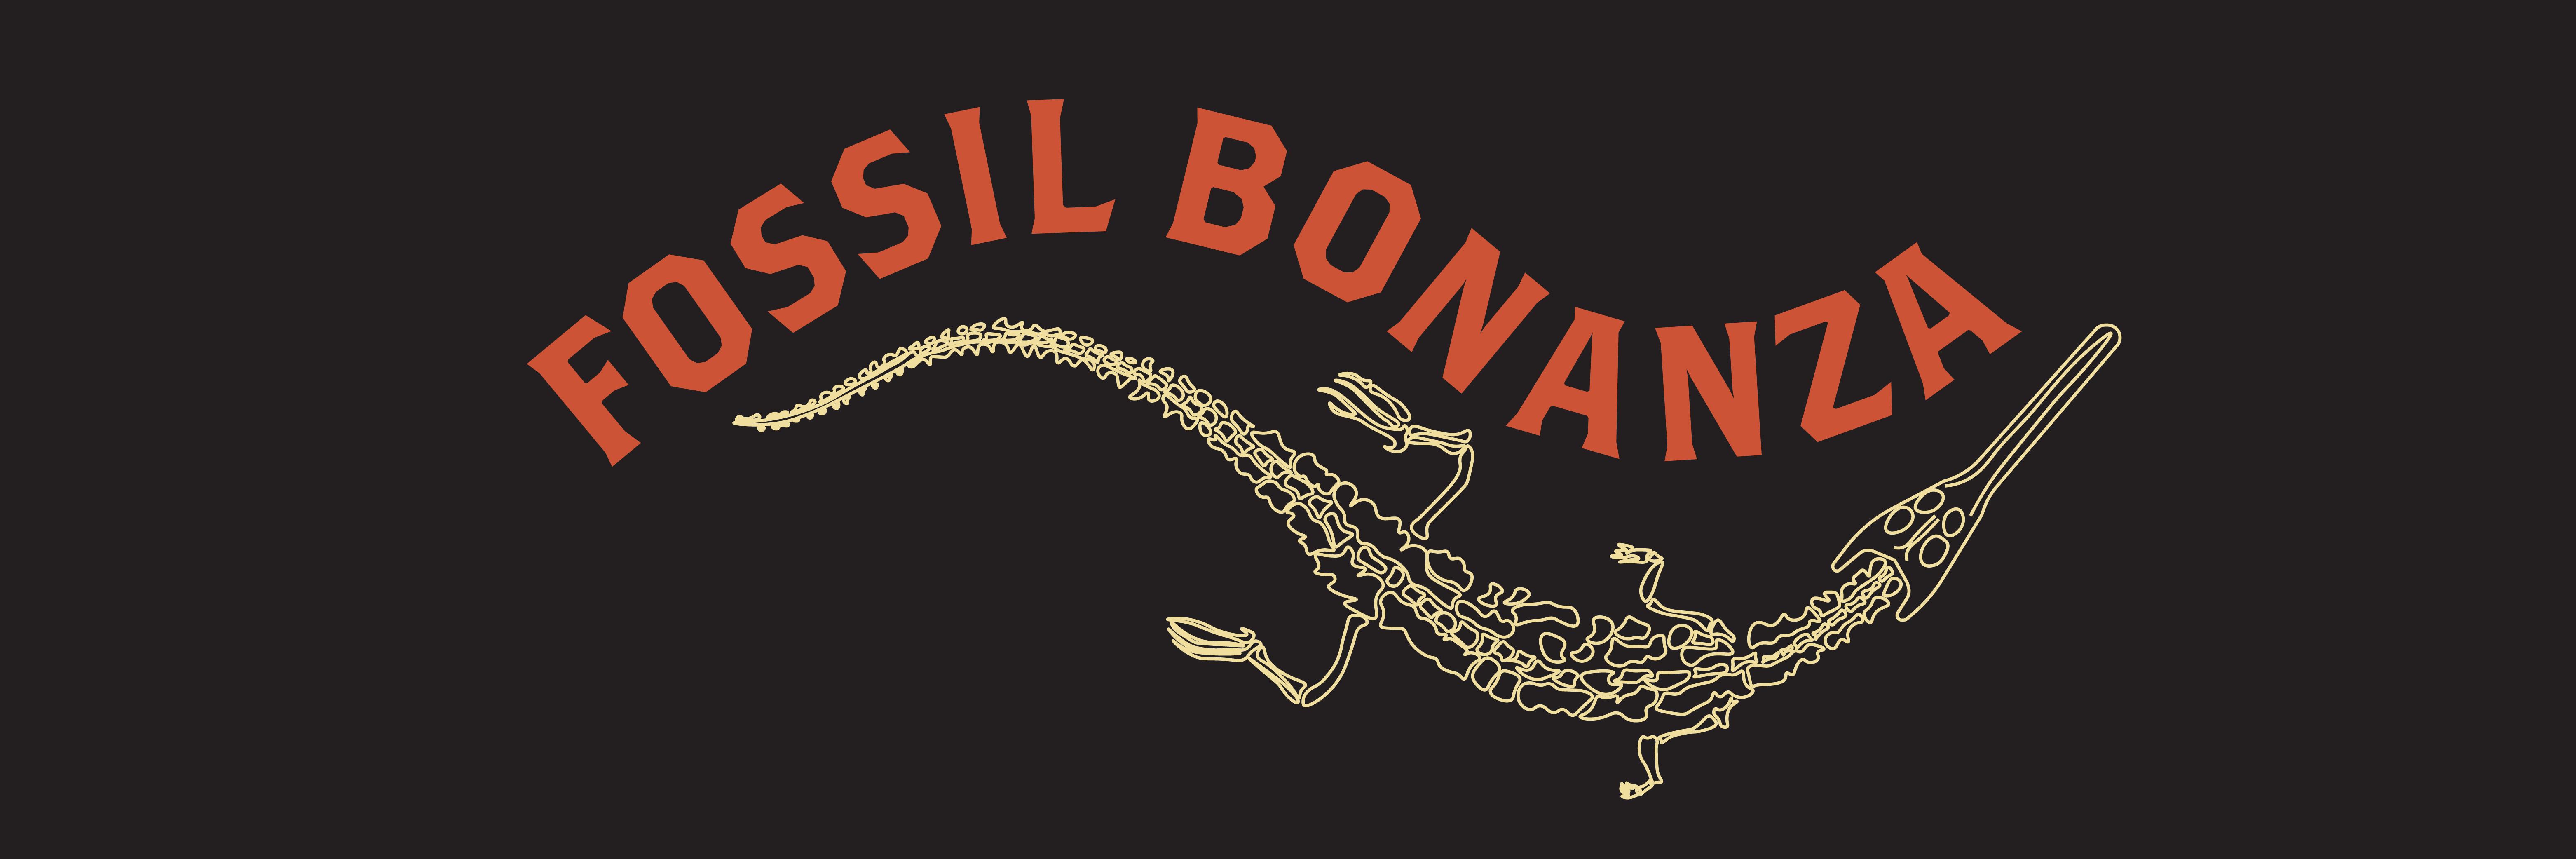 fossil bonanza-03